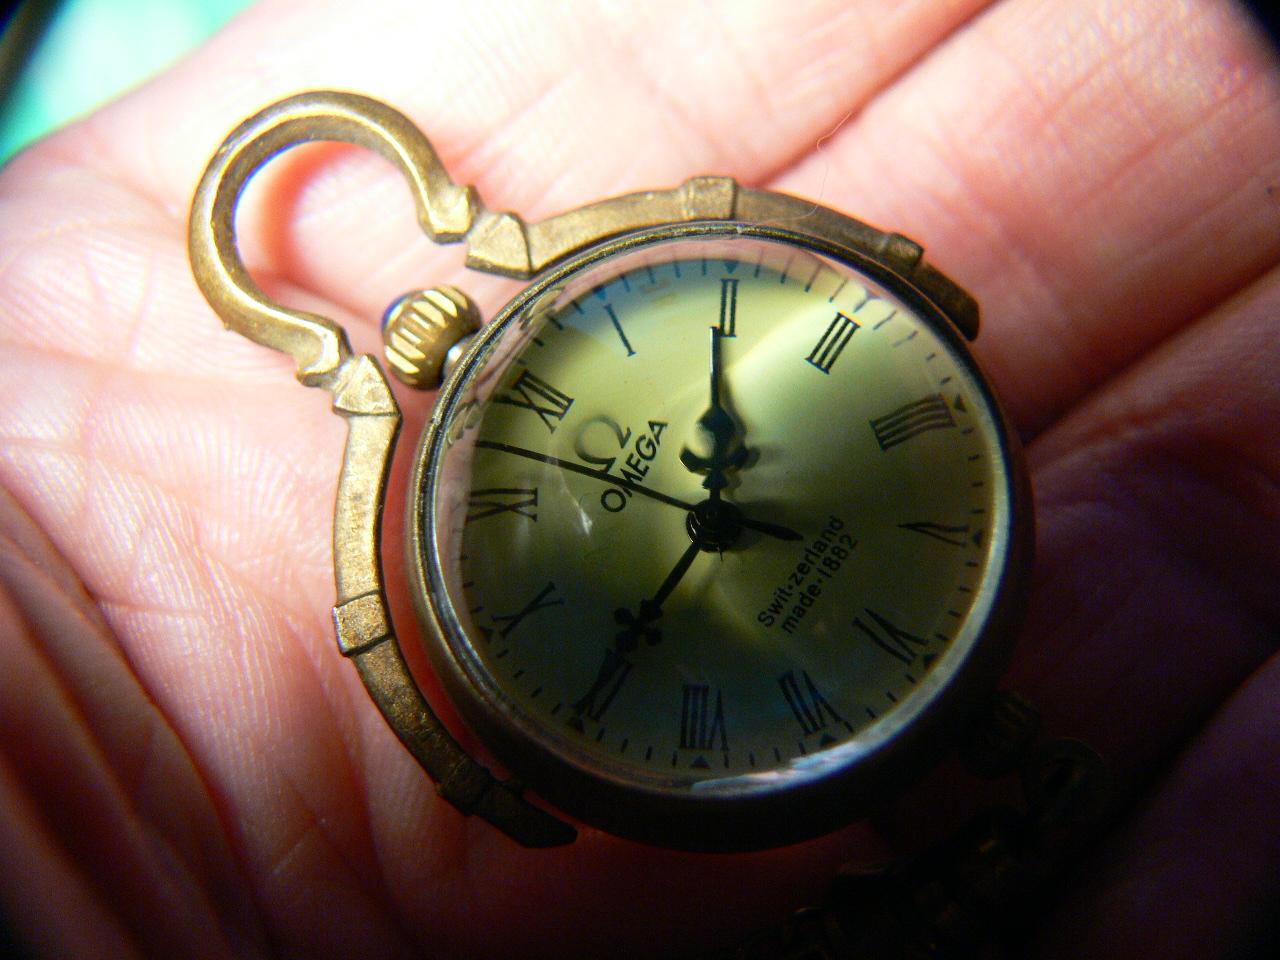 В разделе техника, приборы, часы, часы, cекундомеры в стиле.